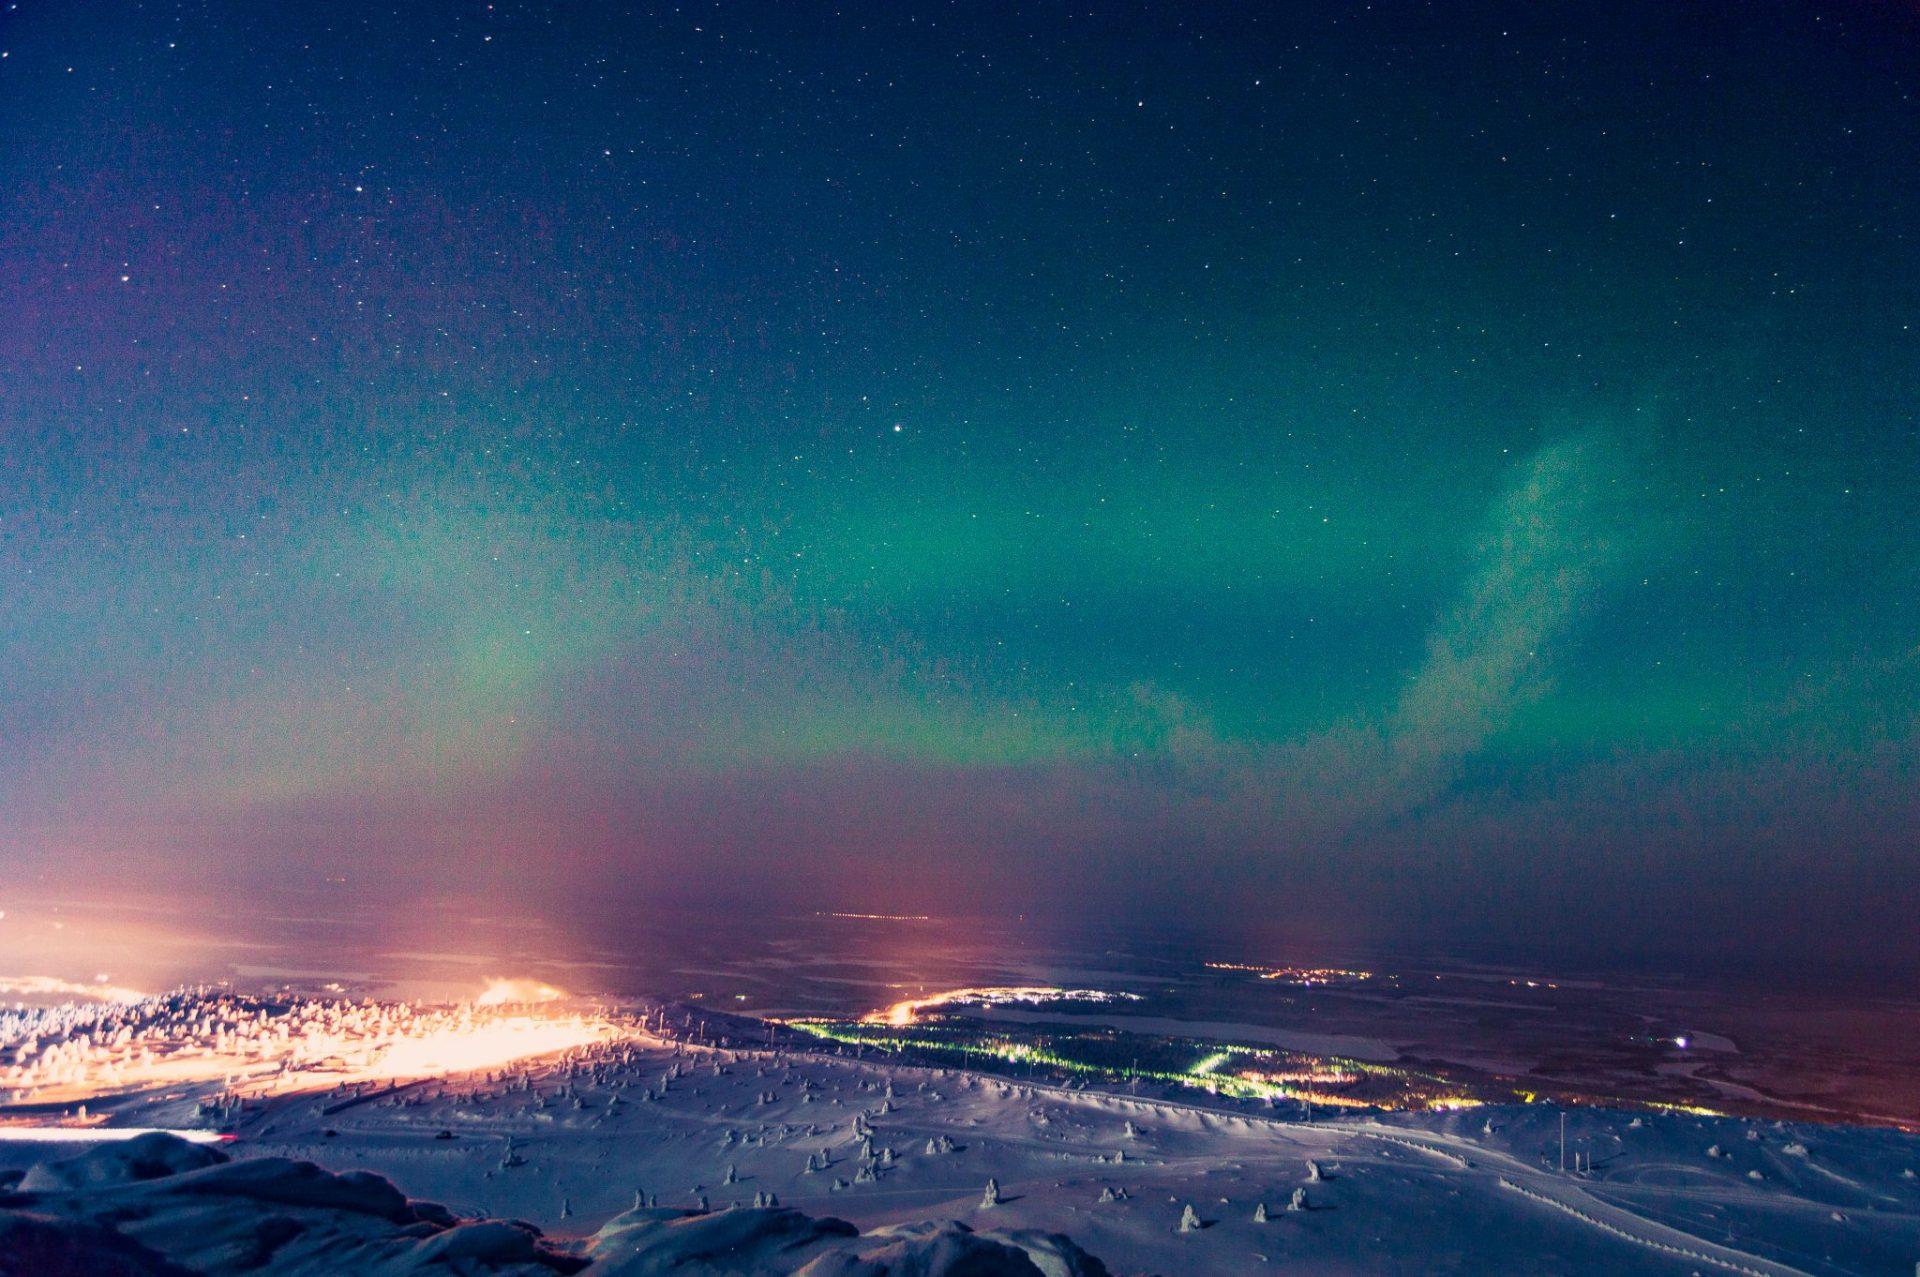 Winter Activities in Levi | Finland